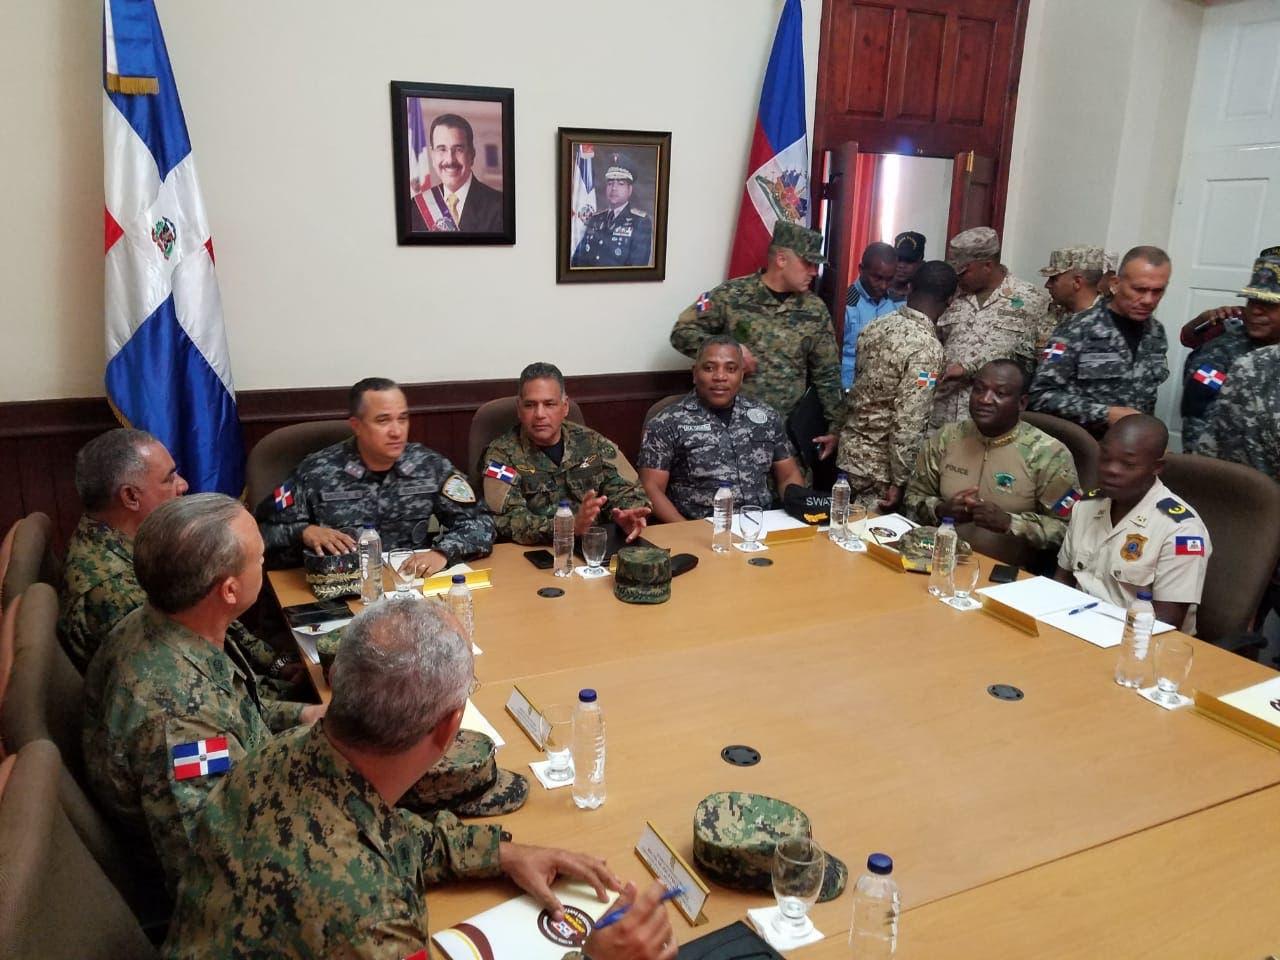 La delegación dominicana estuvo encabezada por el ministro de Defensa, teniente general Rubén Darío Paulino Sem; el comandante general del Ejército, Estanislao Gonell Regalada y el director general de la Policía, mayor general Ney Aldrin Bautista Almonte.